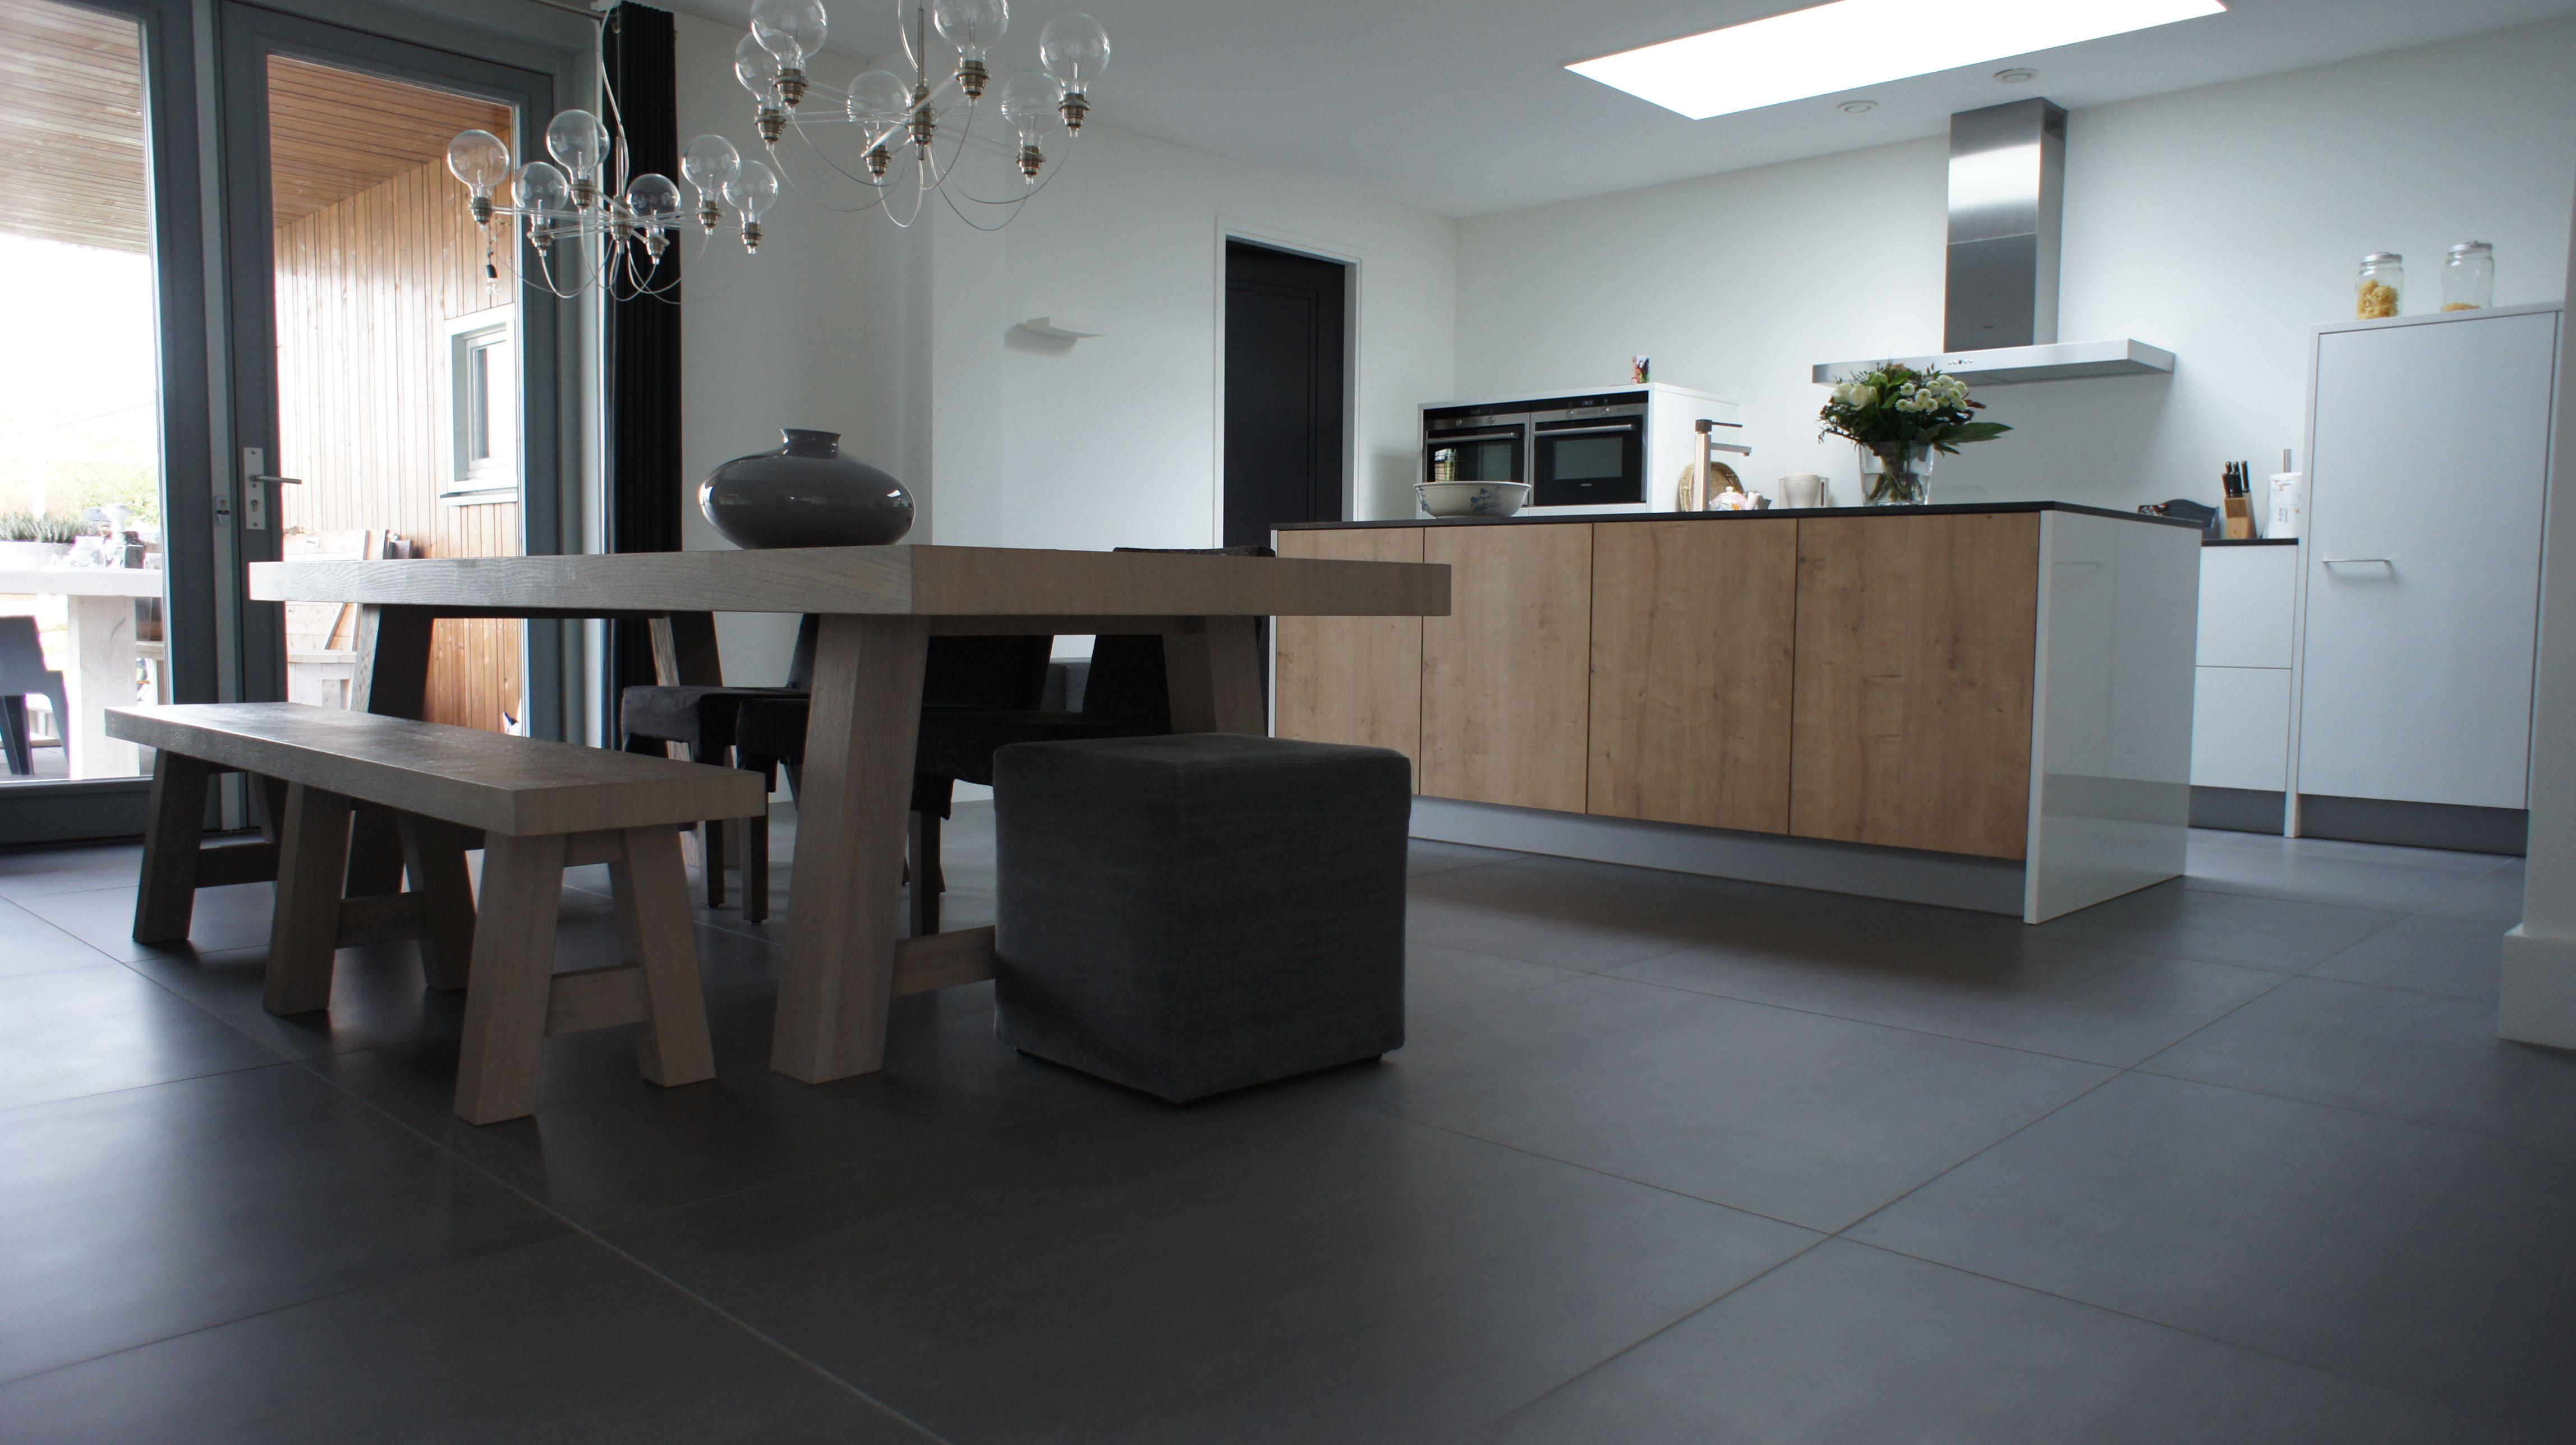 tegelvloer betonlook antraciet 100 x 100 cm keuken. Black Bedroom Furniture Sets. Home Design Ideas